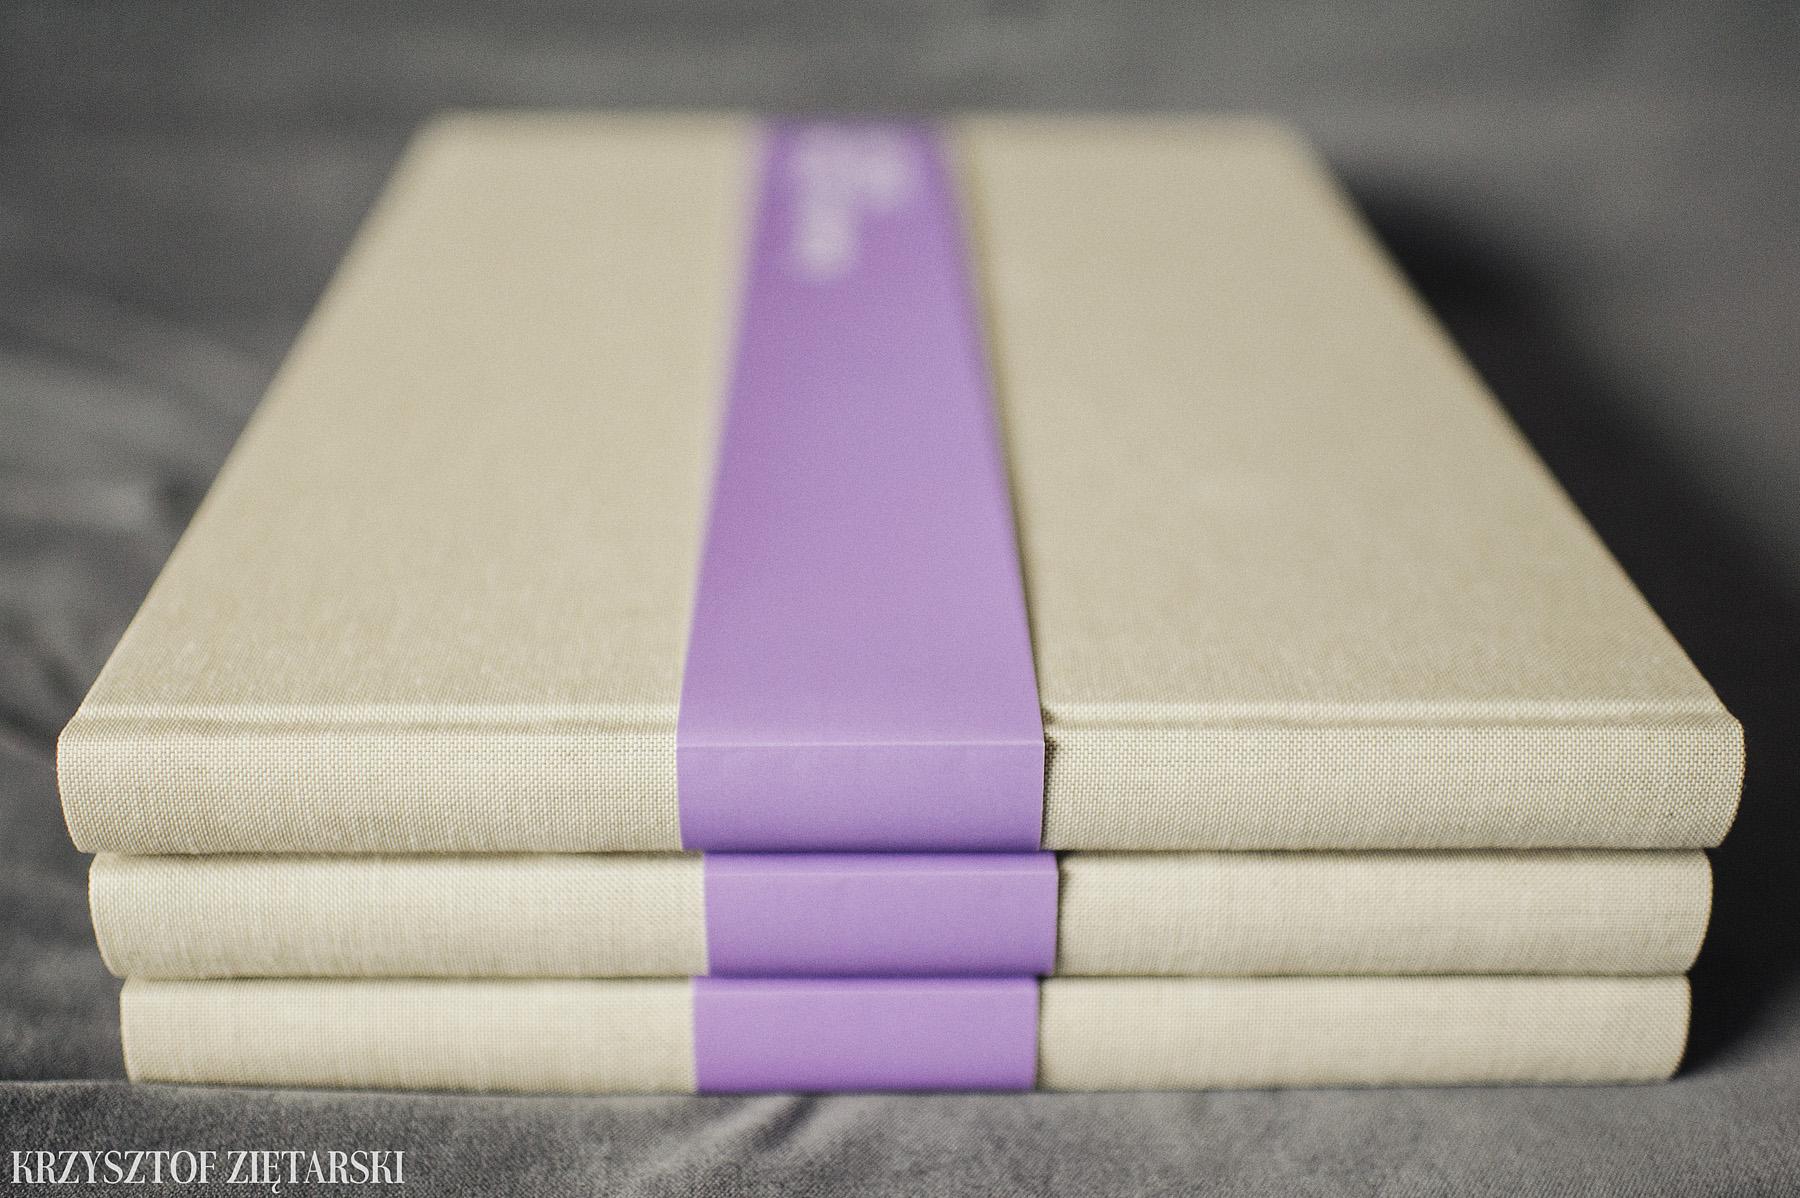 3 szt. albumów FlatBook 40x30cm ( format już niedostępny ), 224 strony na papierze niepowlekanym 150g/m2 neutralnym ( dostępny też odcień kremowy ), płótno lniane surowe C11, wyklejka w kolorze papieru, zadrukowana motywem lawendowym i lawendowa paskowa obwoluta. Do albumu dostępne jest pudełko z dowolną wyklejką.